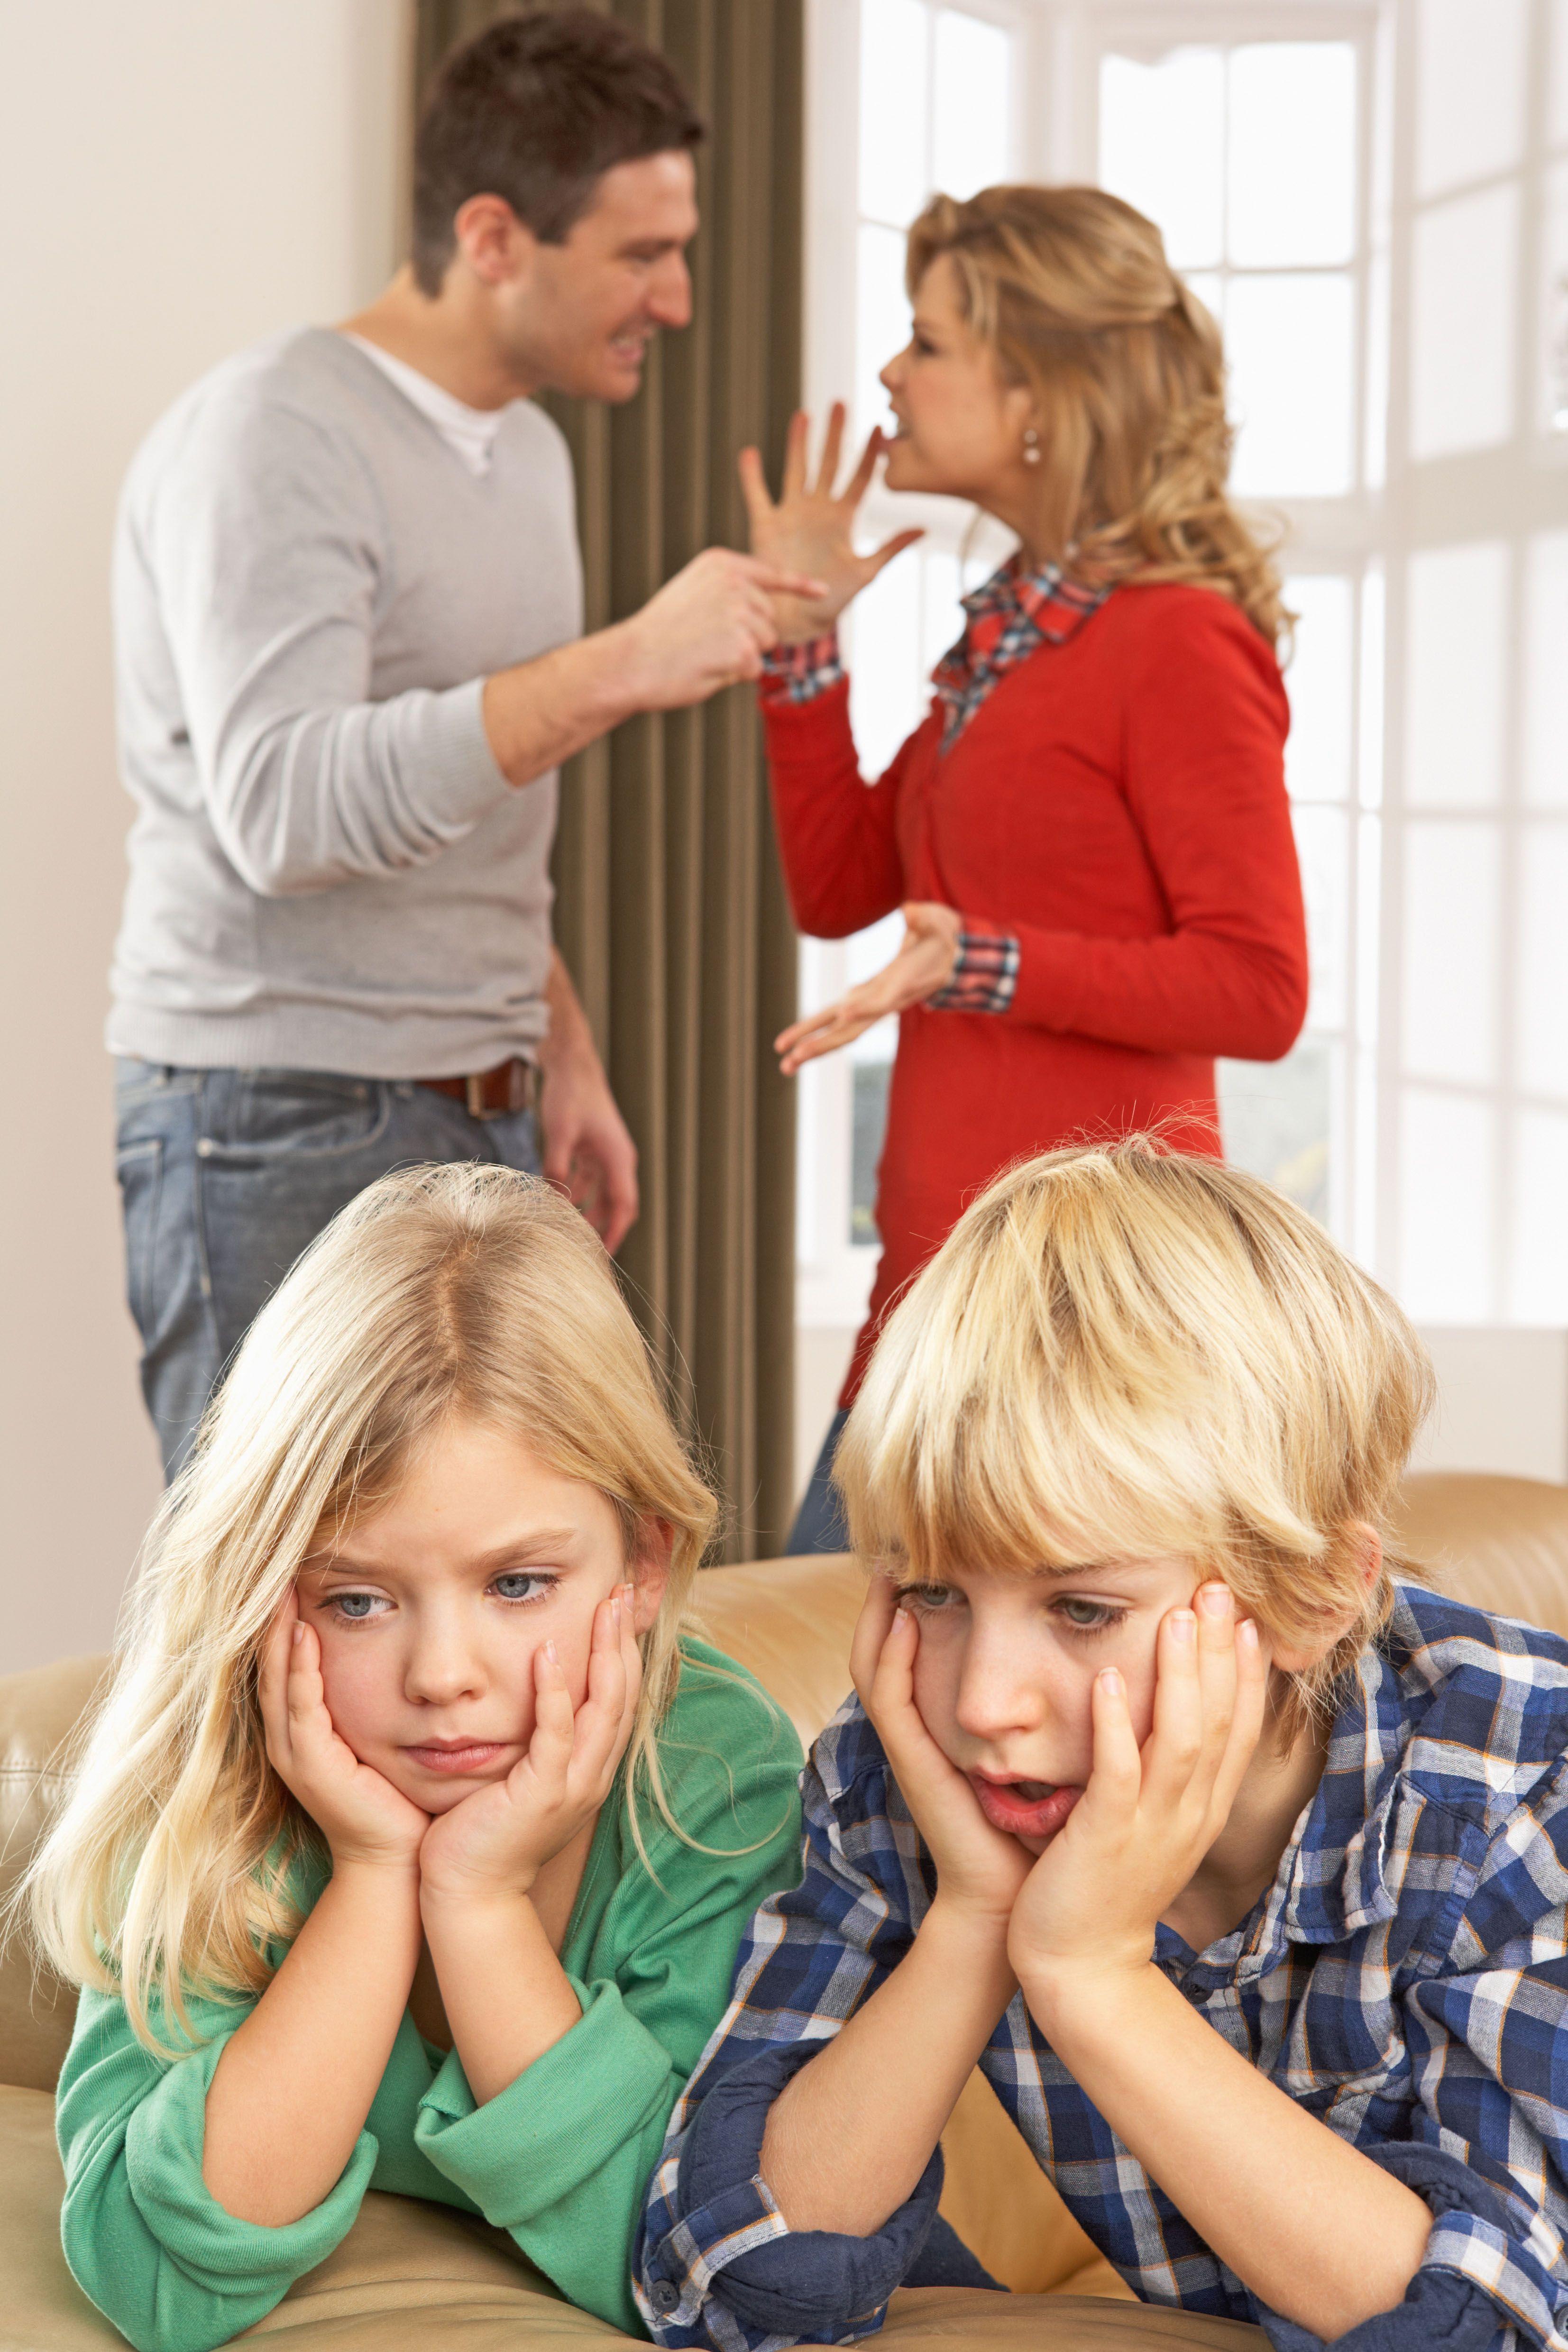 Produkte und Themen: Trennung und Liebeskummer | Scheidung